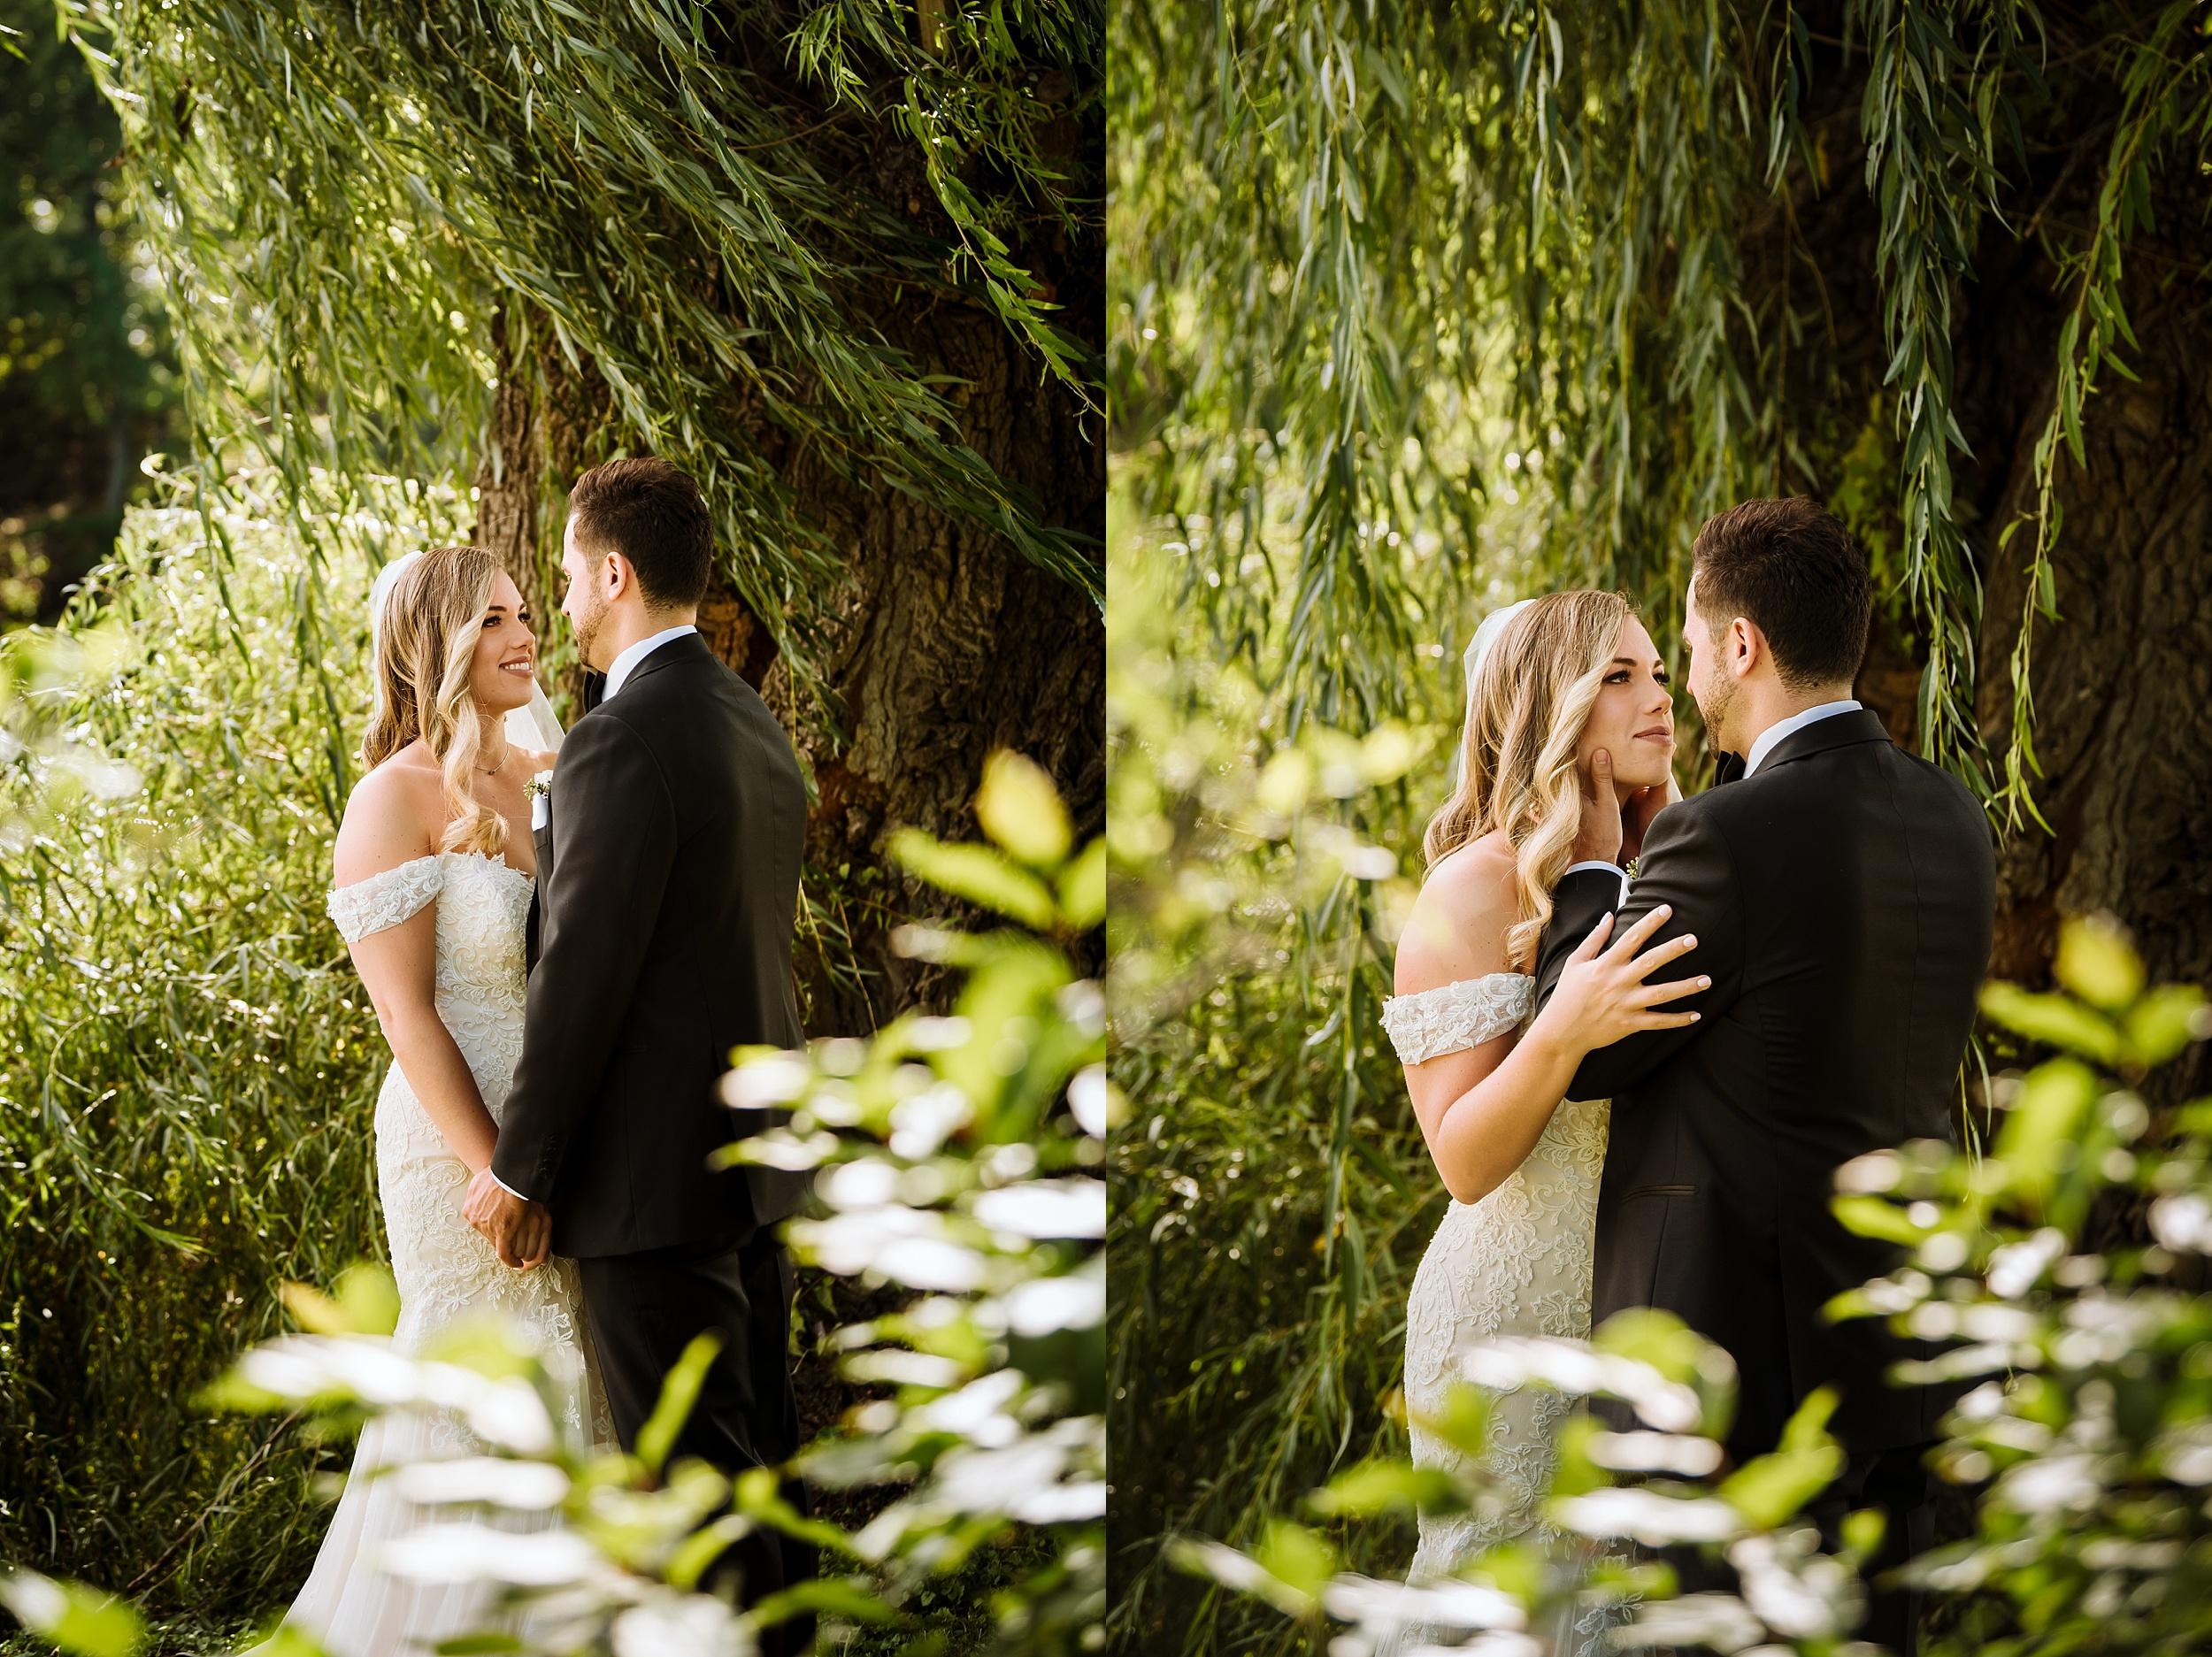 Rustic_Backyard_Wedding_Toronto_Photographer049.jpg